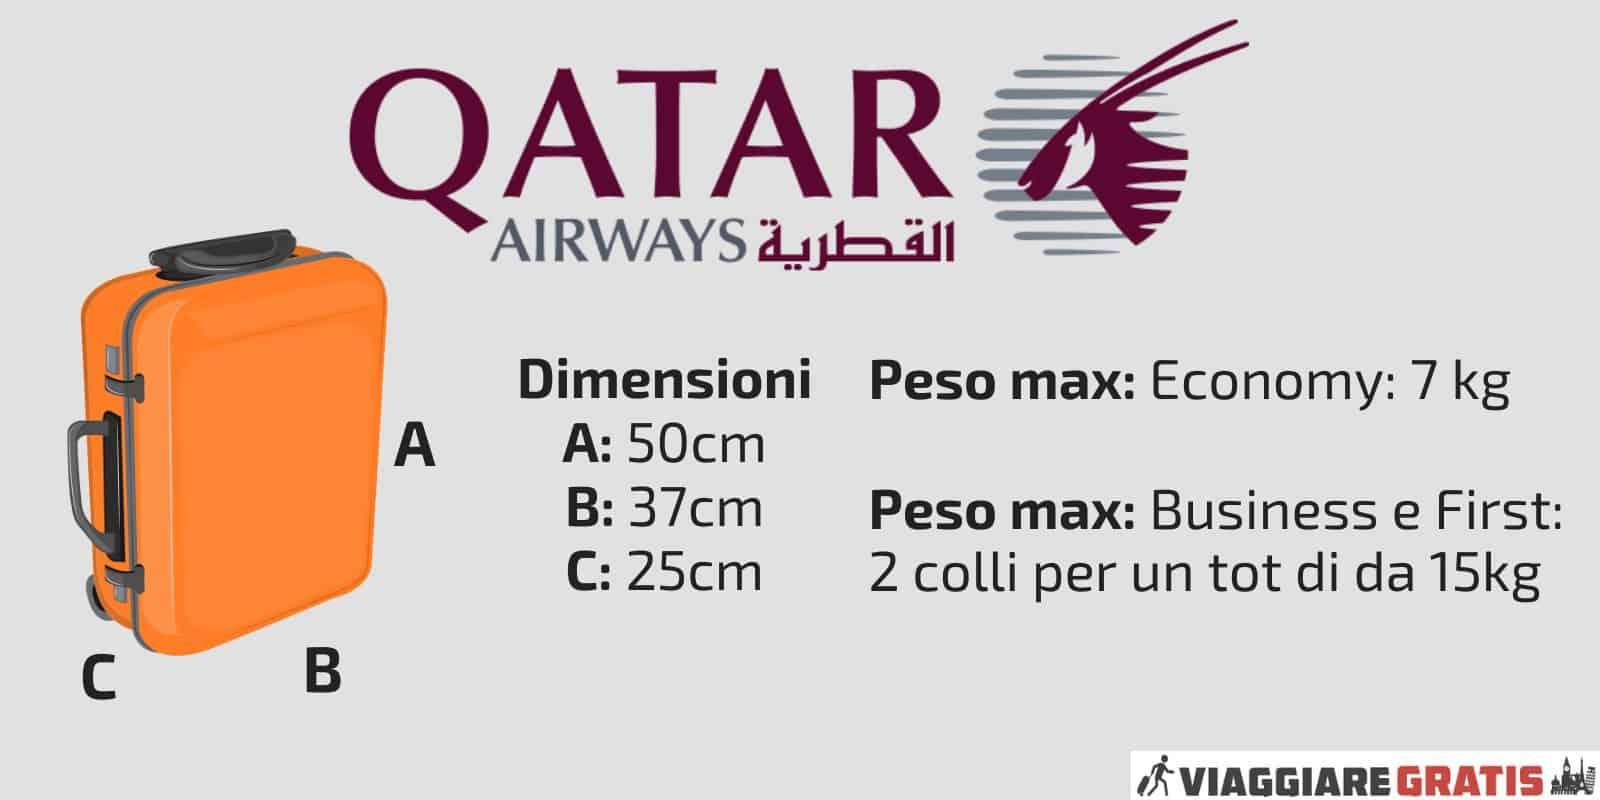 Bagaglio a Mano Qatar Airways